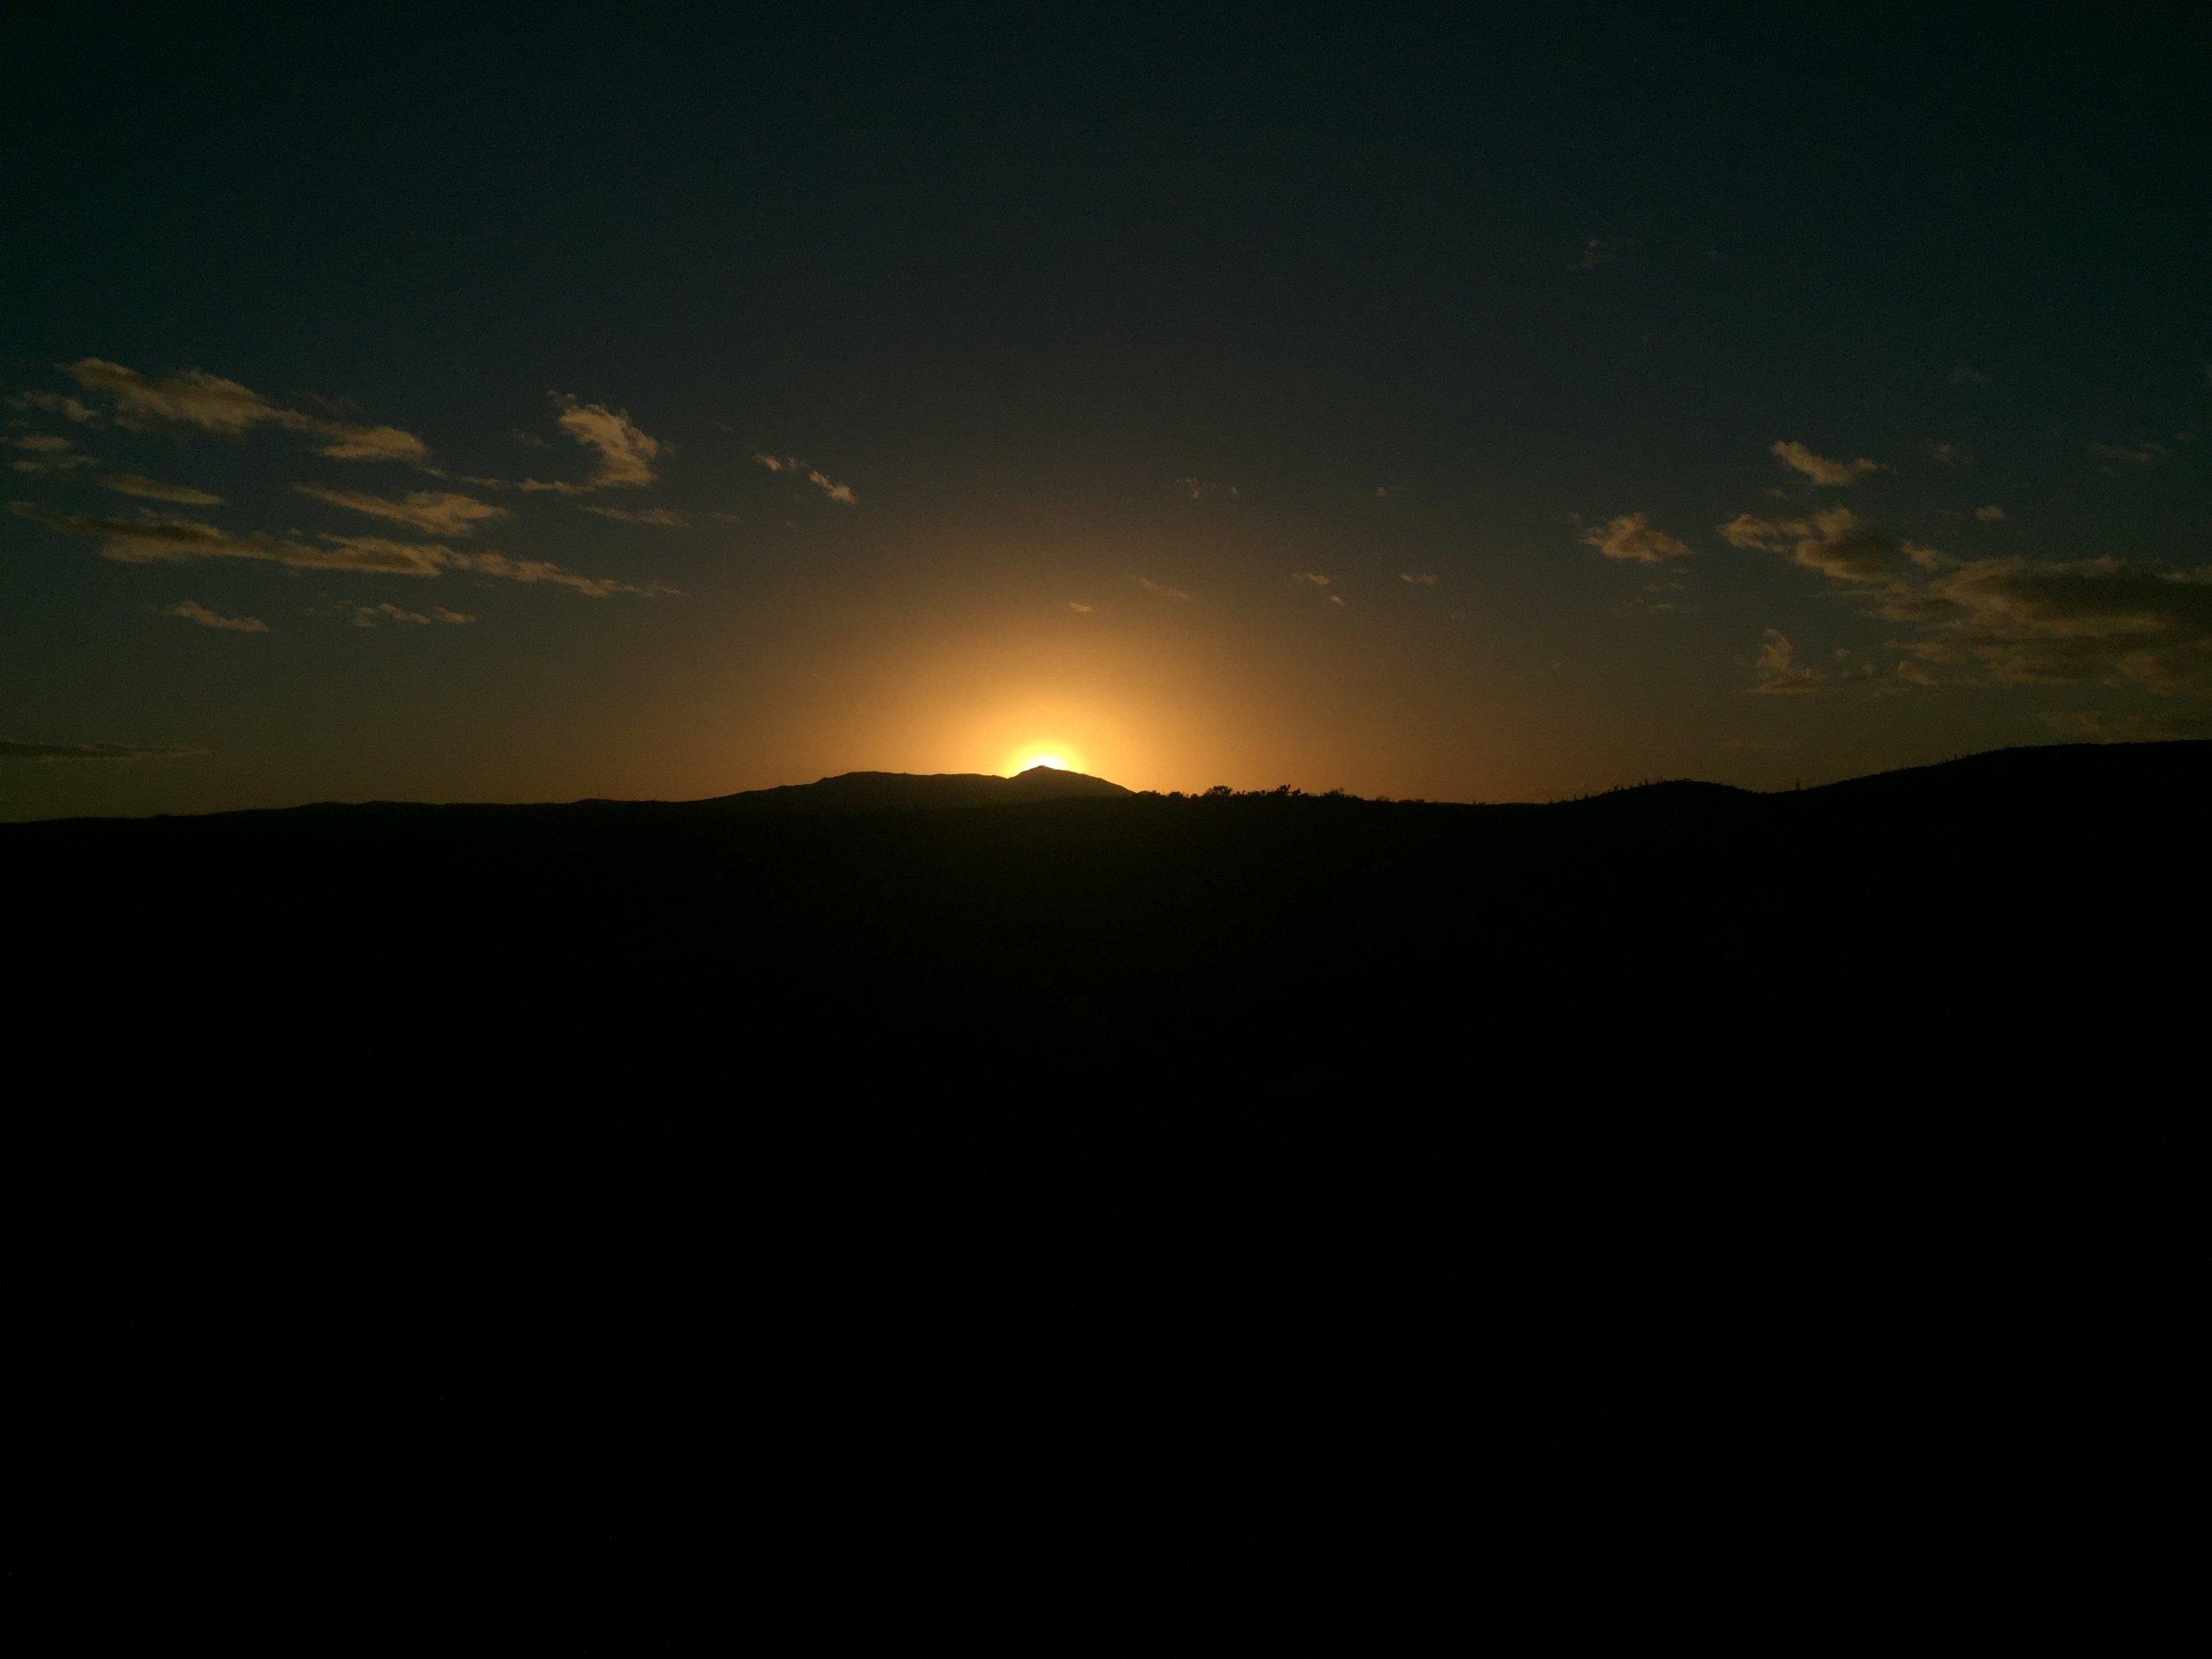 Sun setting over the desert hills